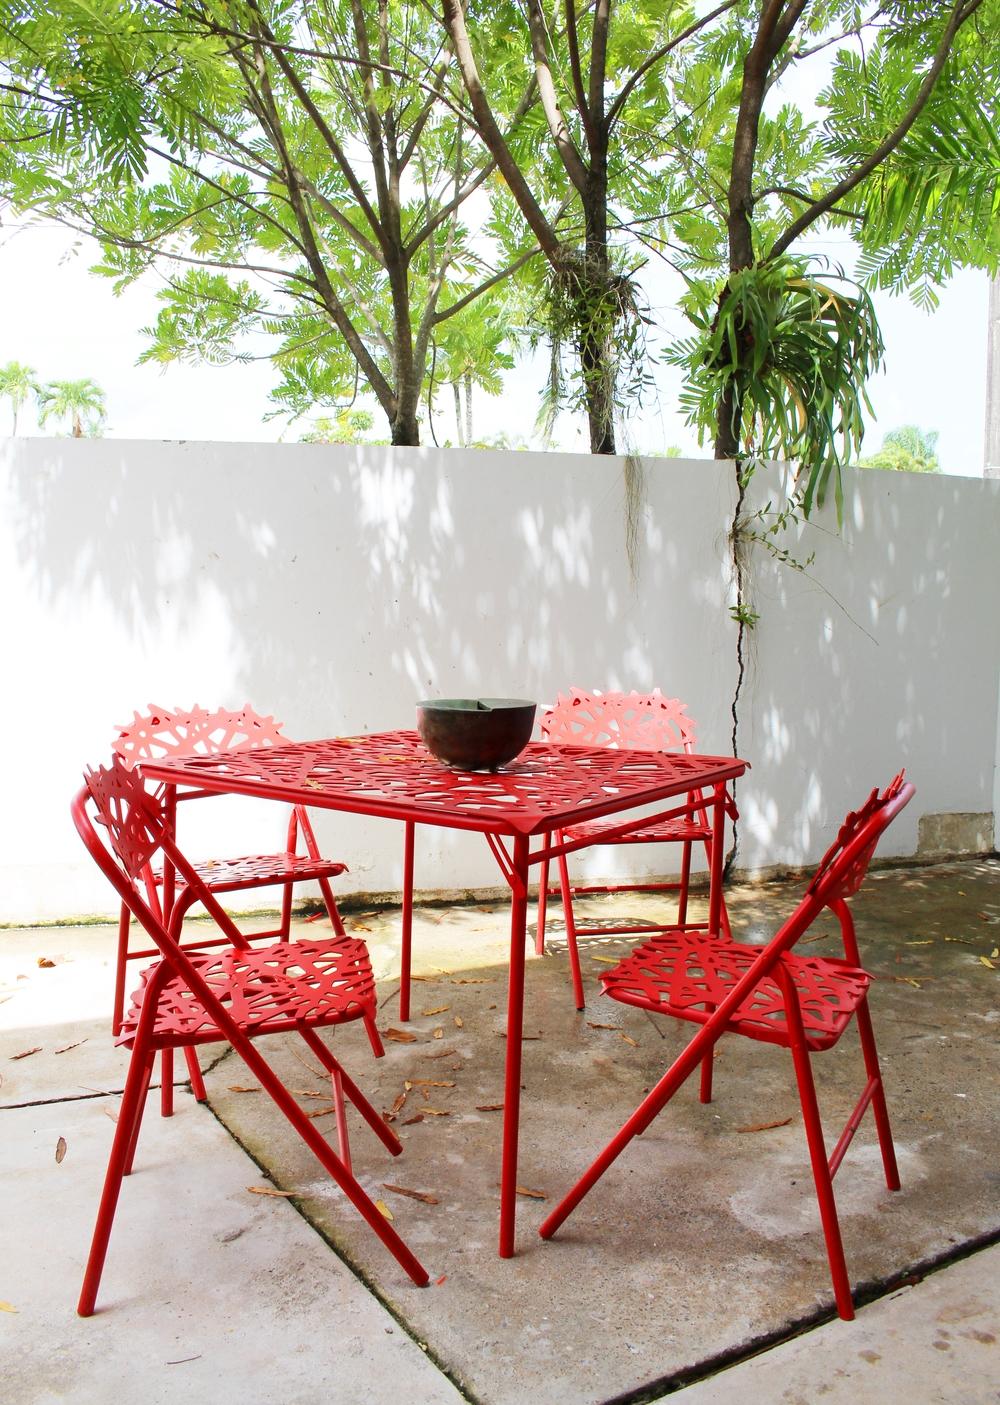 Maria-Brito_Puerto_Rico-28.jpg